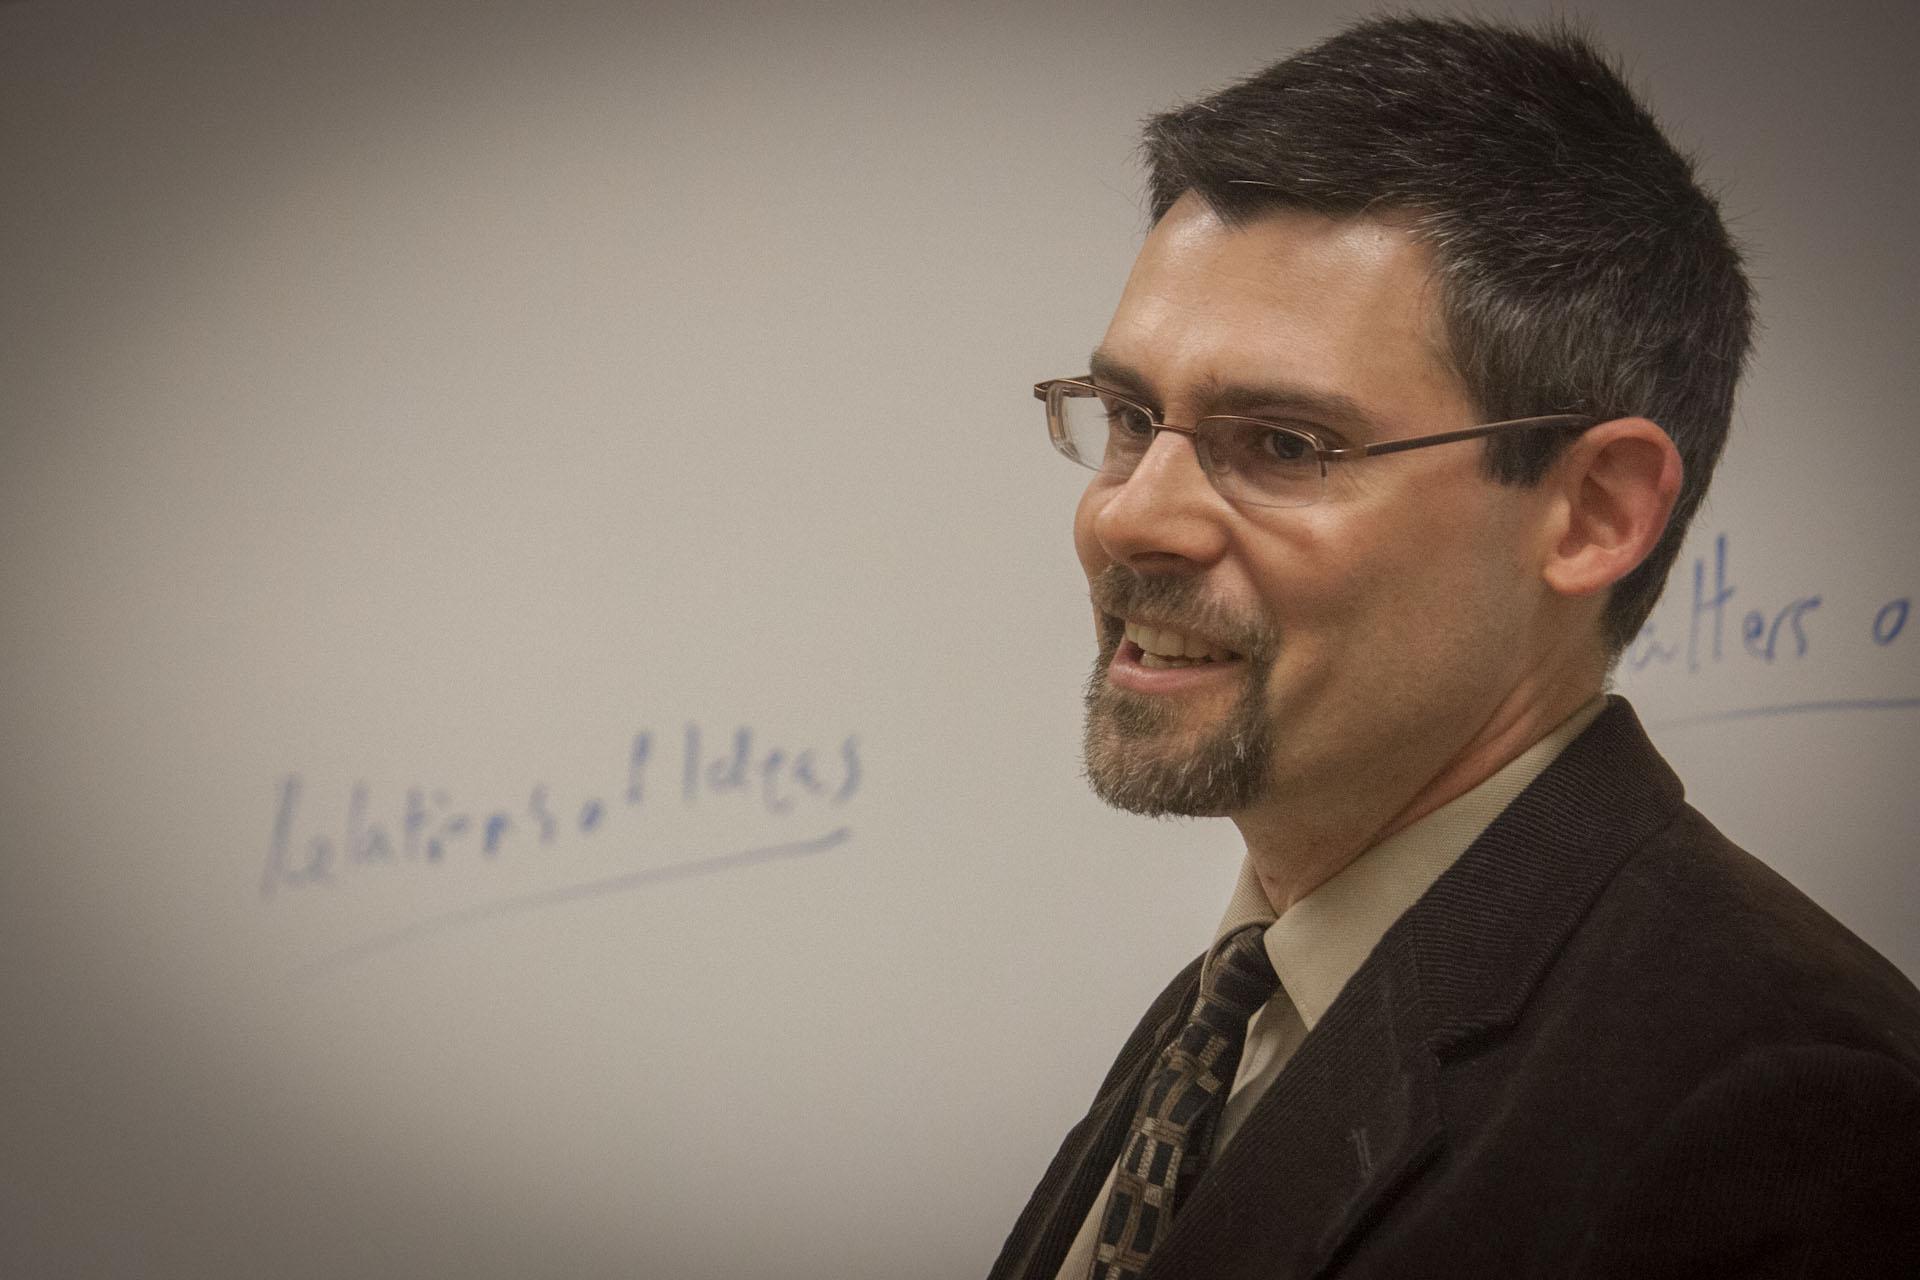 Matthew_Roberts_classroom_Philosophy_1.jpg